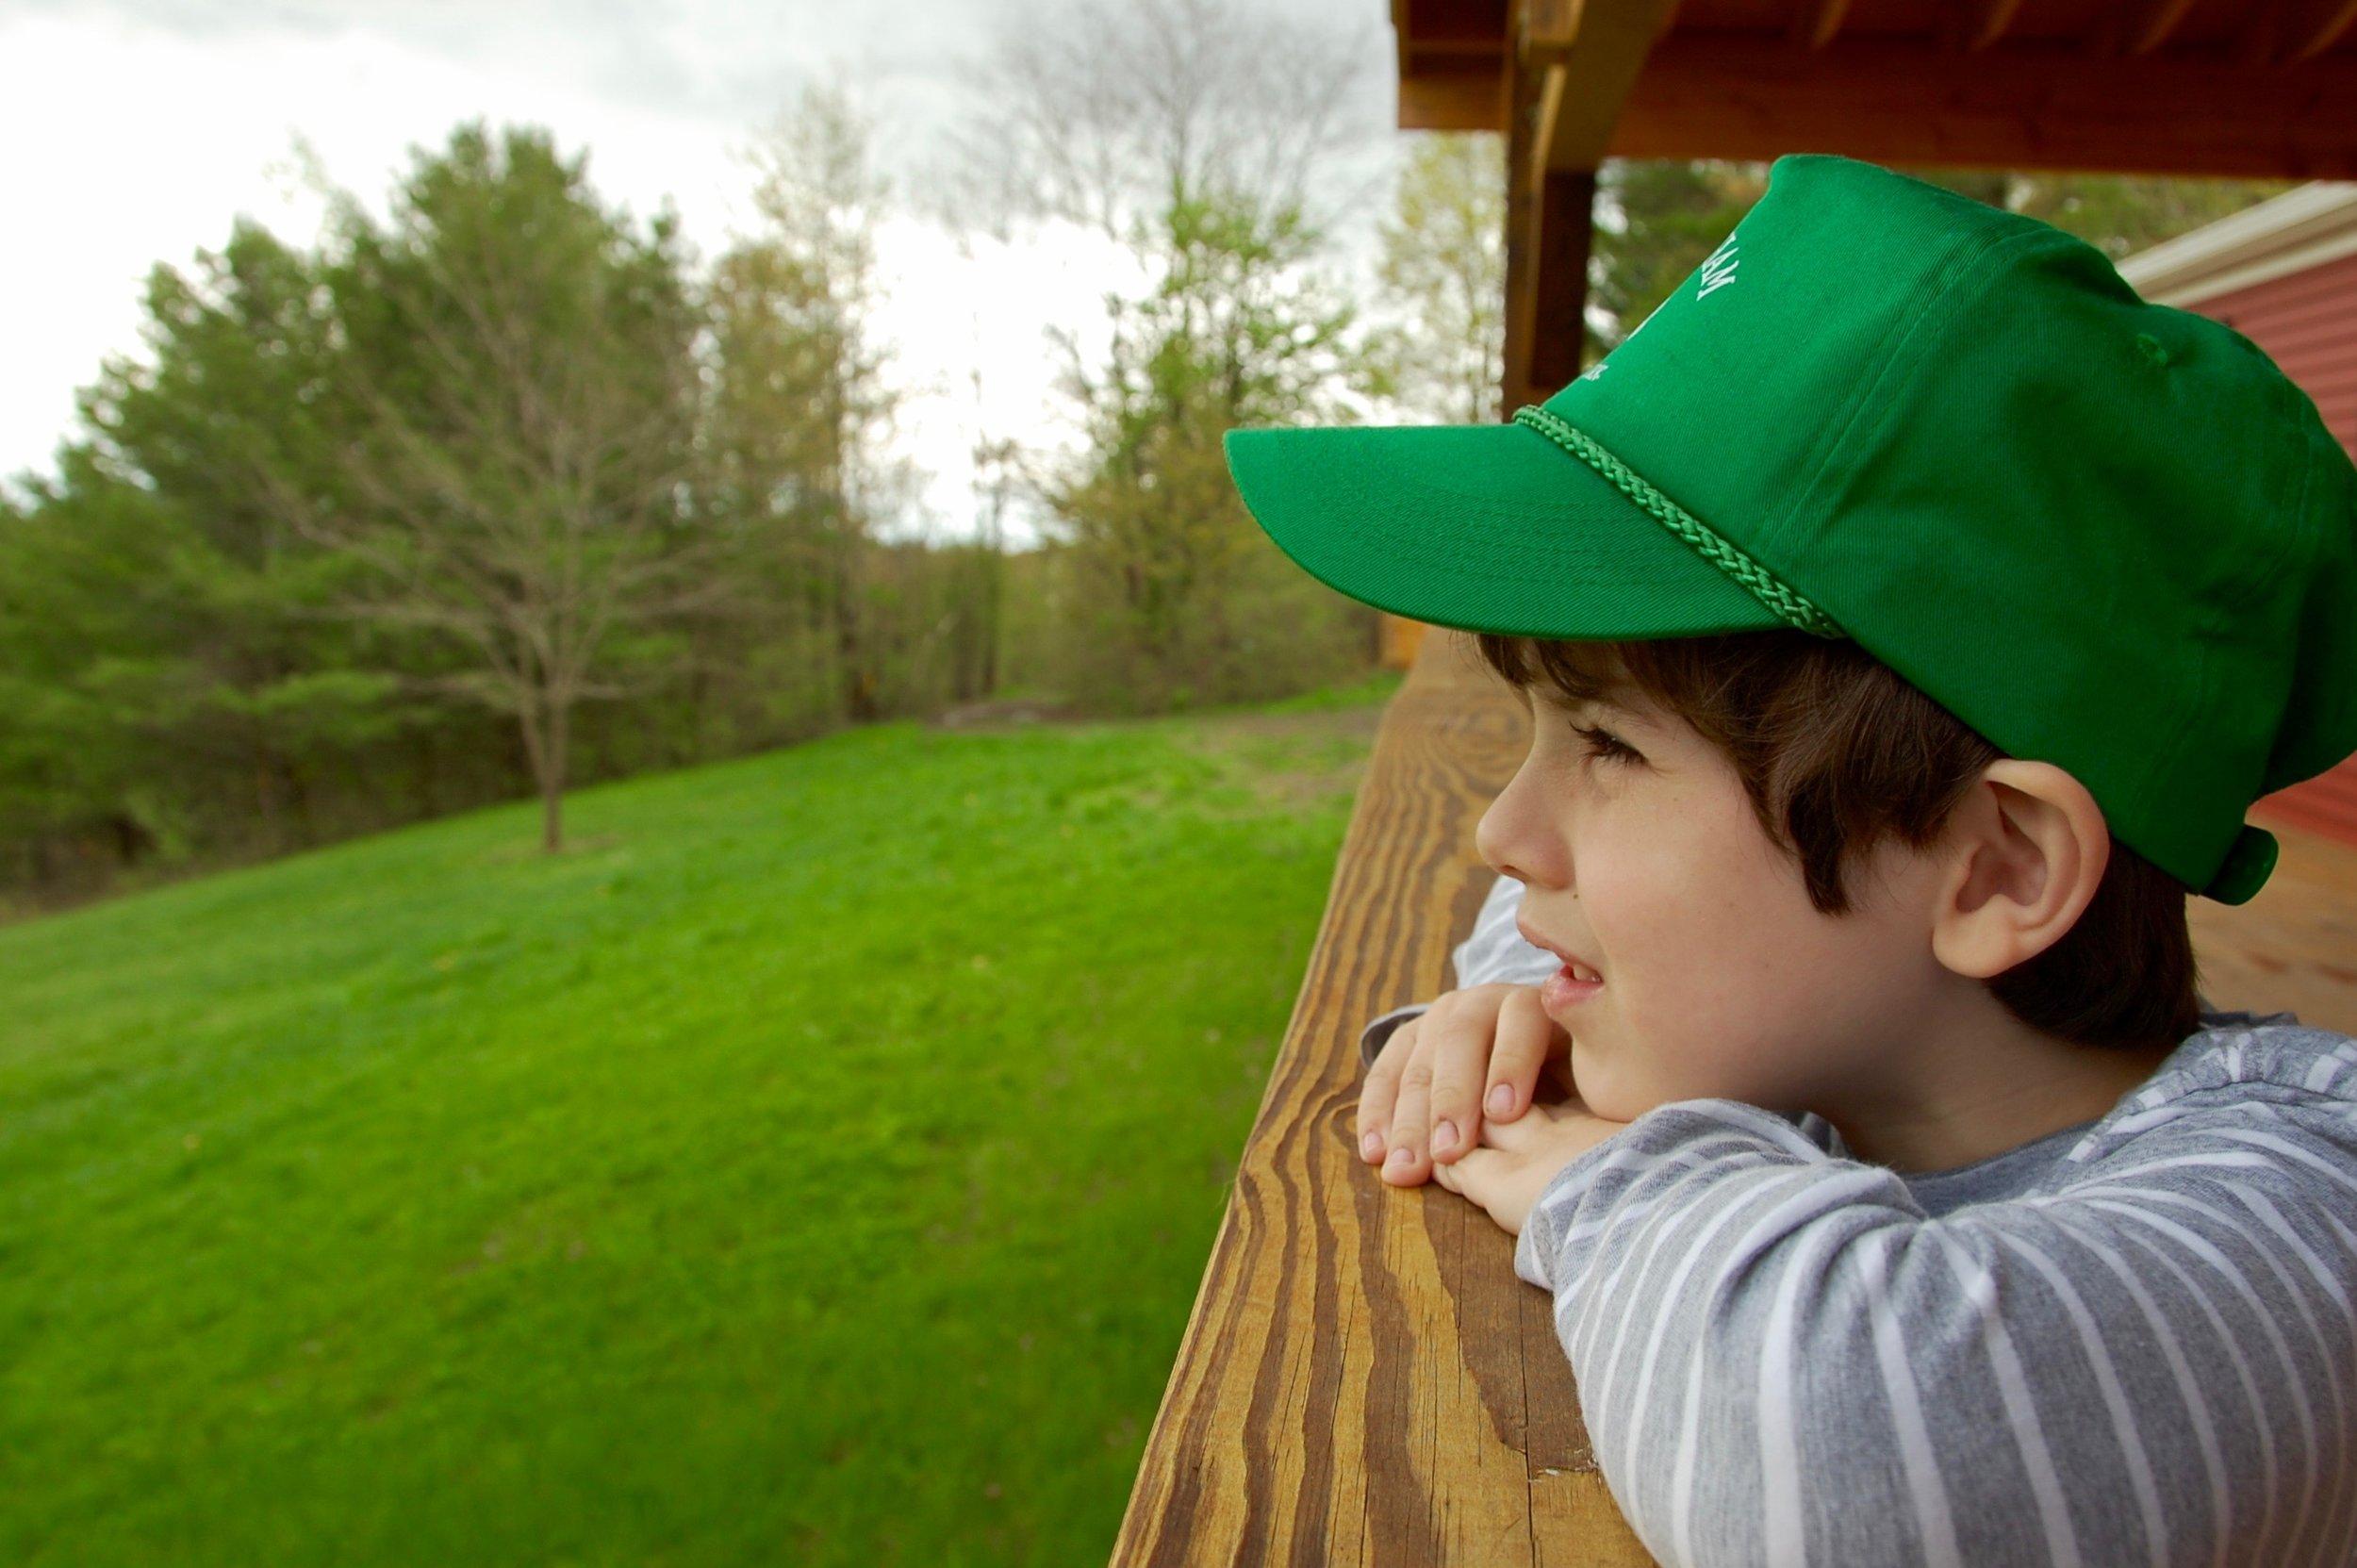 green grass and green cap